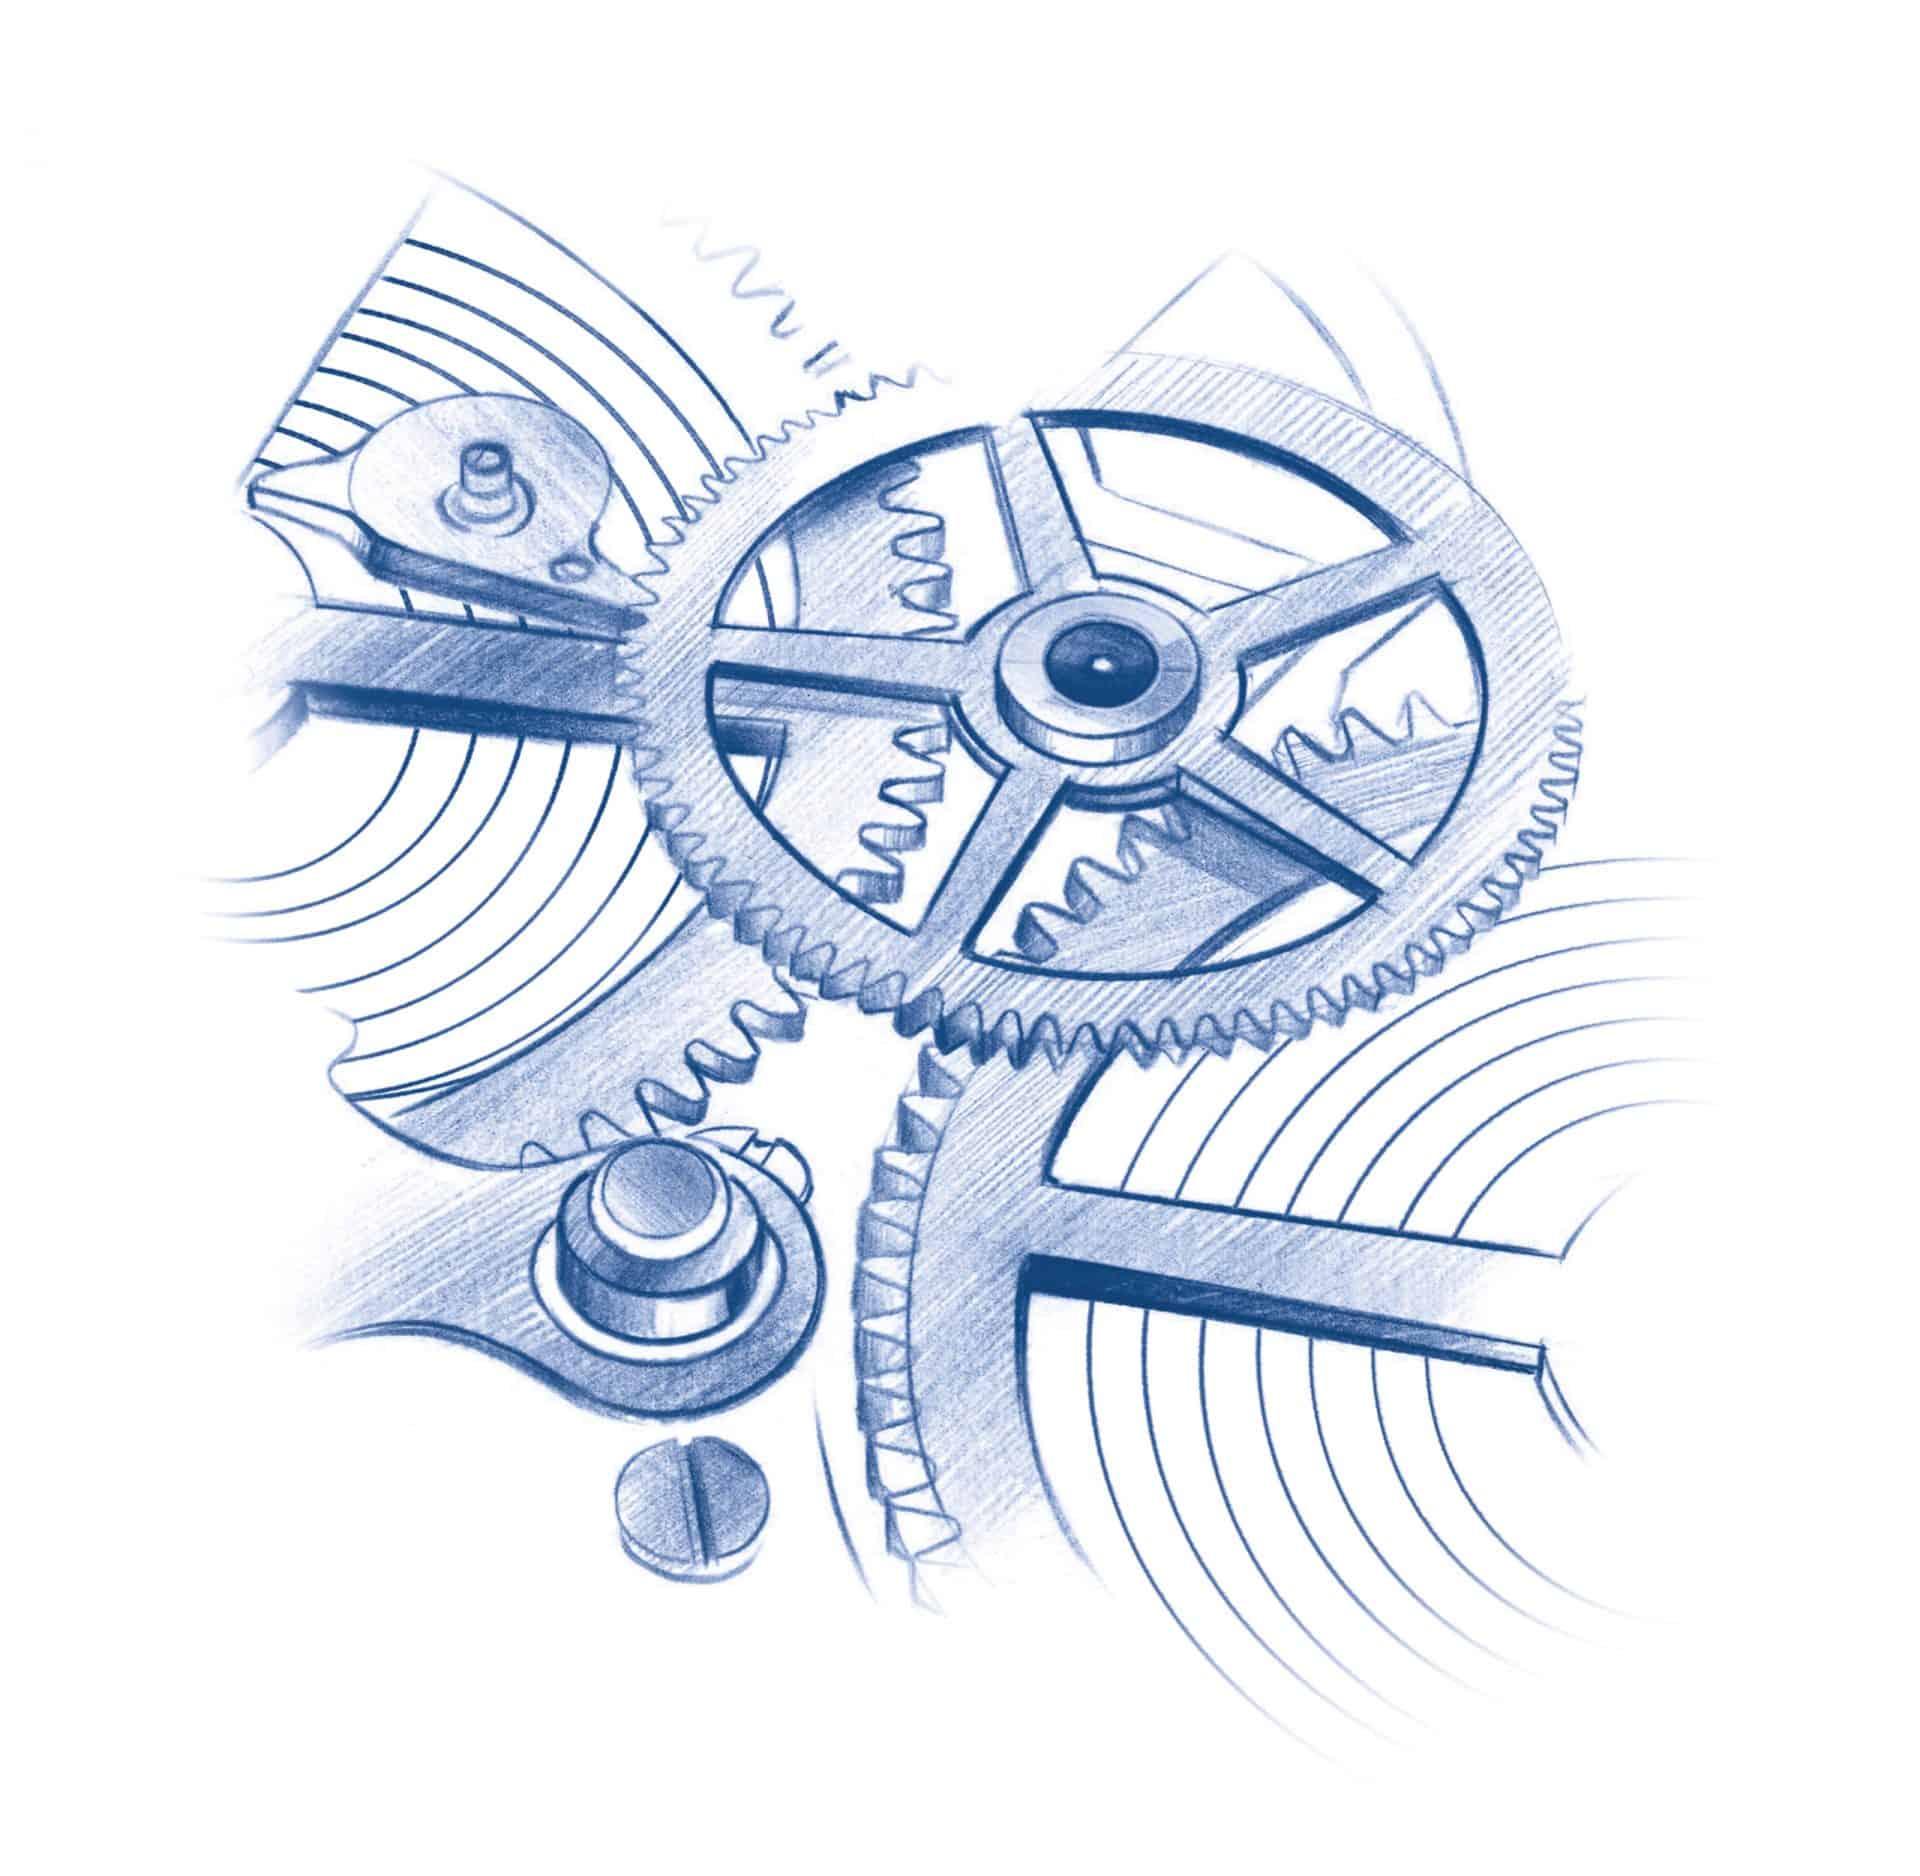 Die Zugfedern im Oris Calibre 400 bestehen aus nichtmagnetischem Bioflex Material